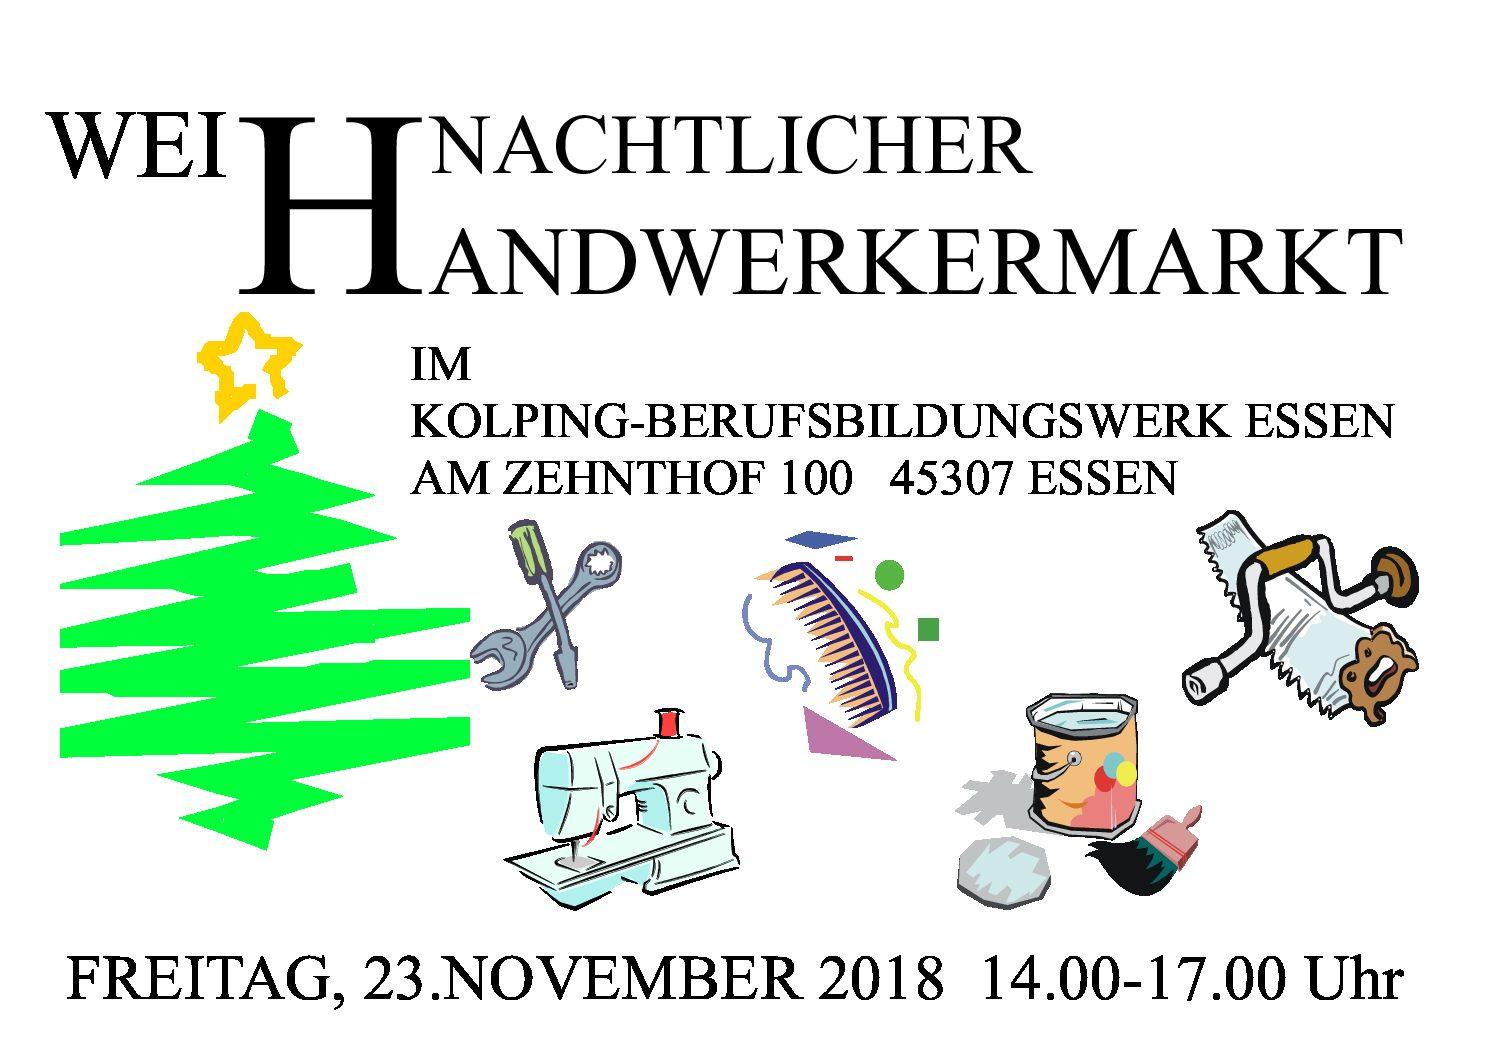 Weihnachtlicher Handwerkermarkt Im Kolping-Berufsbildungswerk